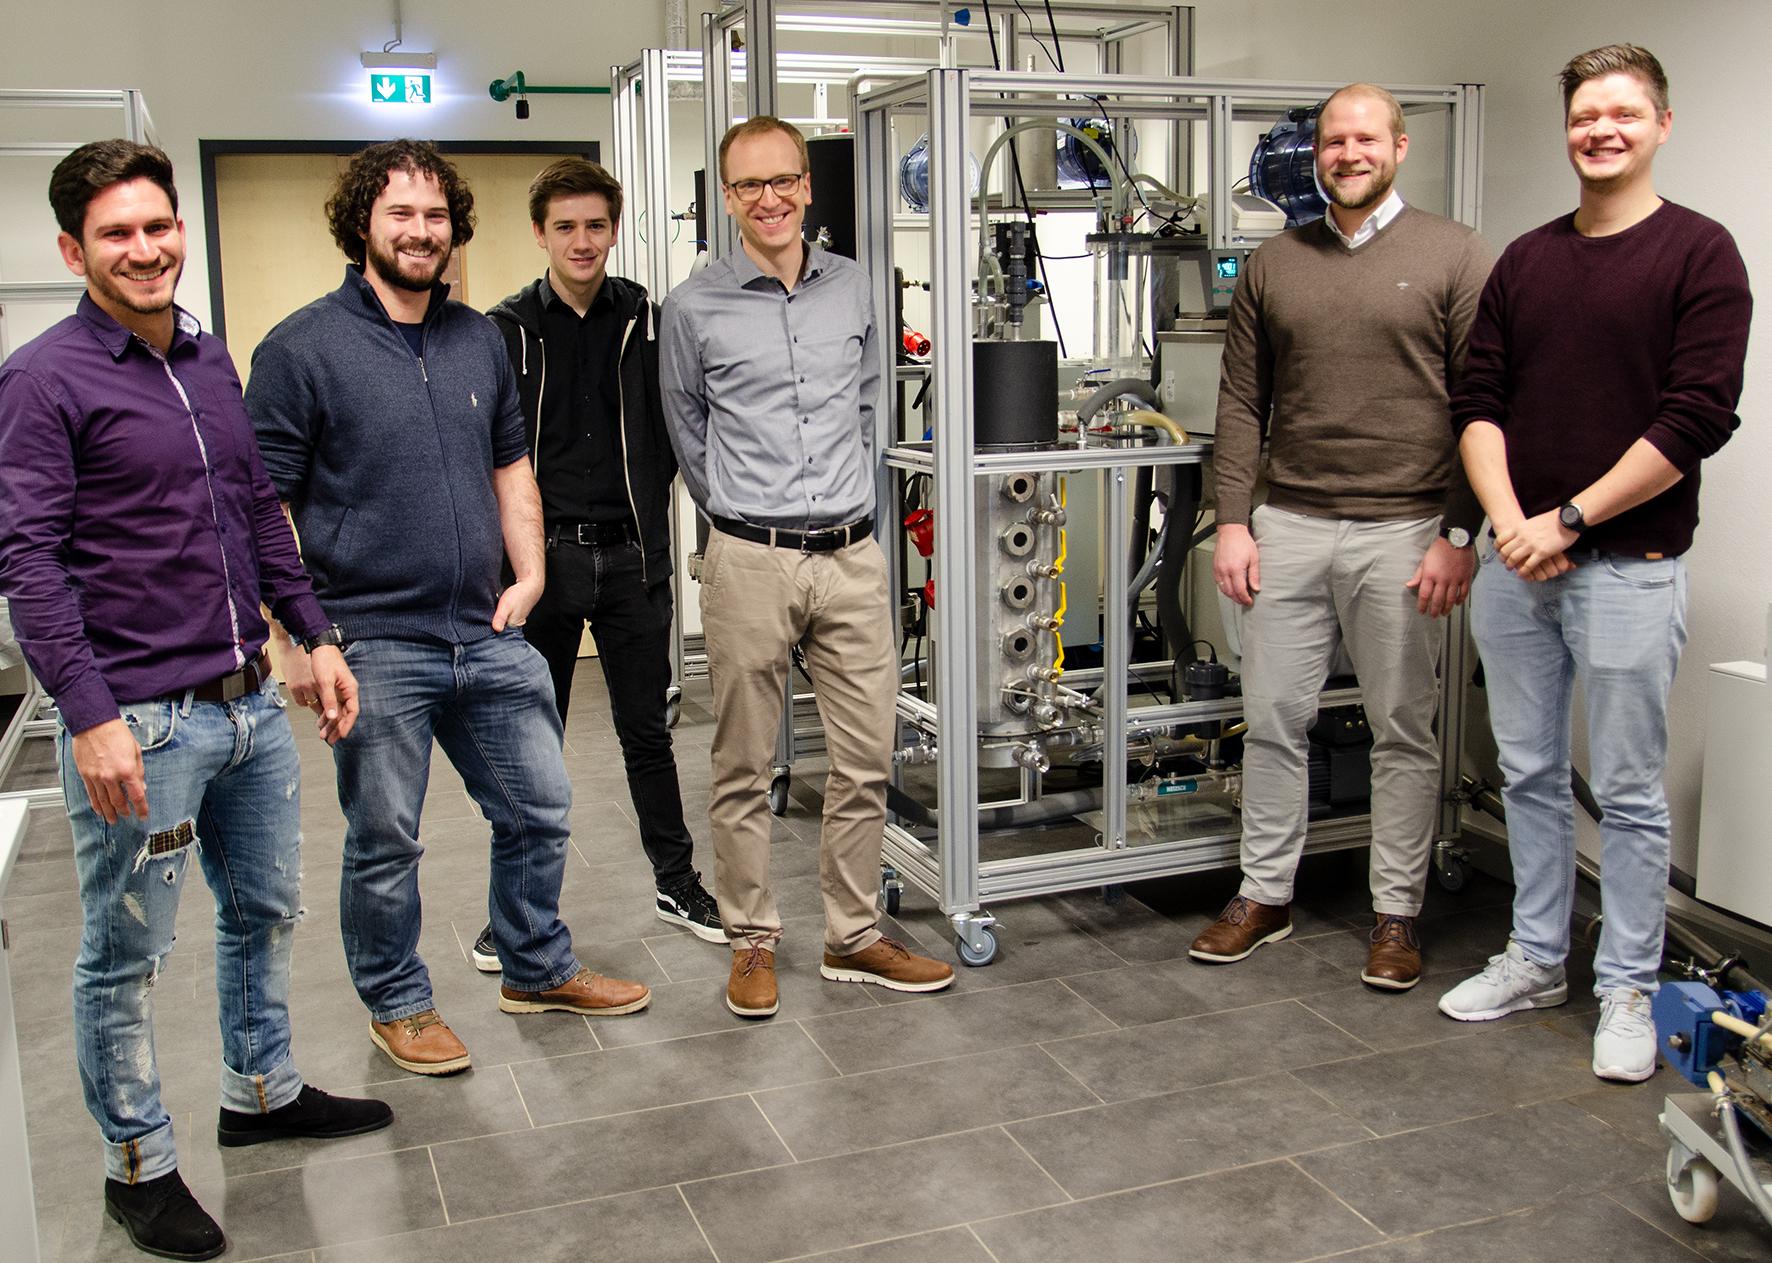 Das BioSmart-Team am Hochlastreaktor im Labor (v.l.): Roberto Hernández Regalado (FH Münster), Jeroen Terwort (PlanET), Jure Häner, Dr. Daniel Baumkötter, Lukas Wettwer und Tobias Weide (alle FH Münster).